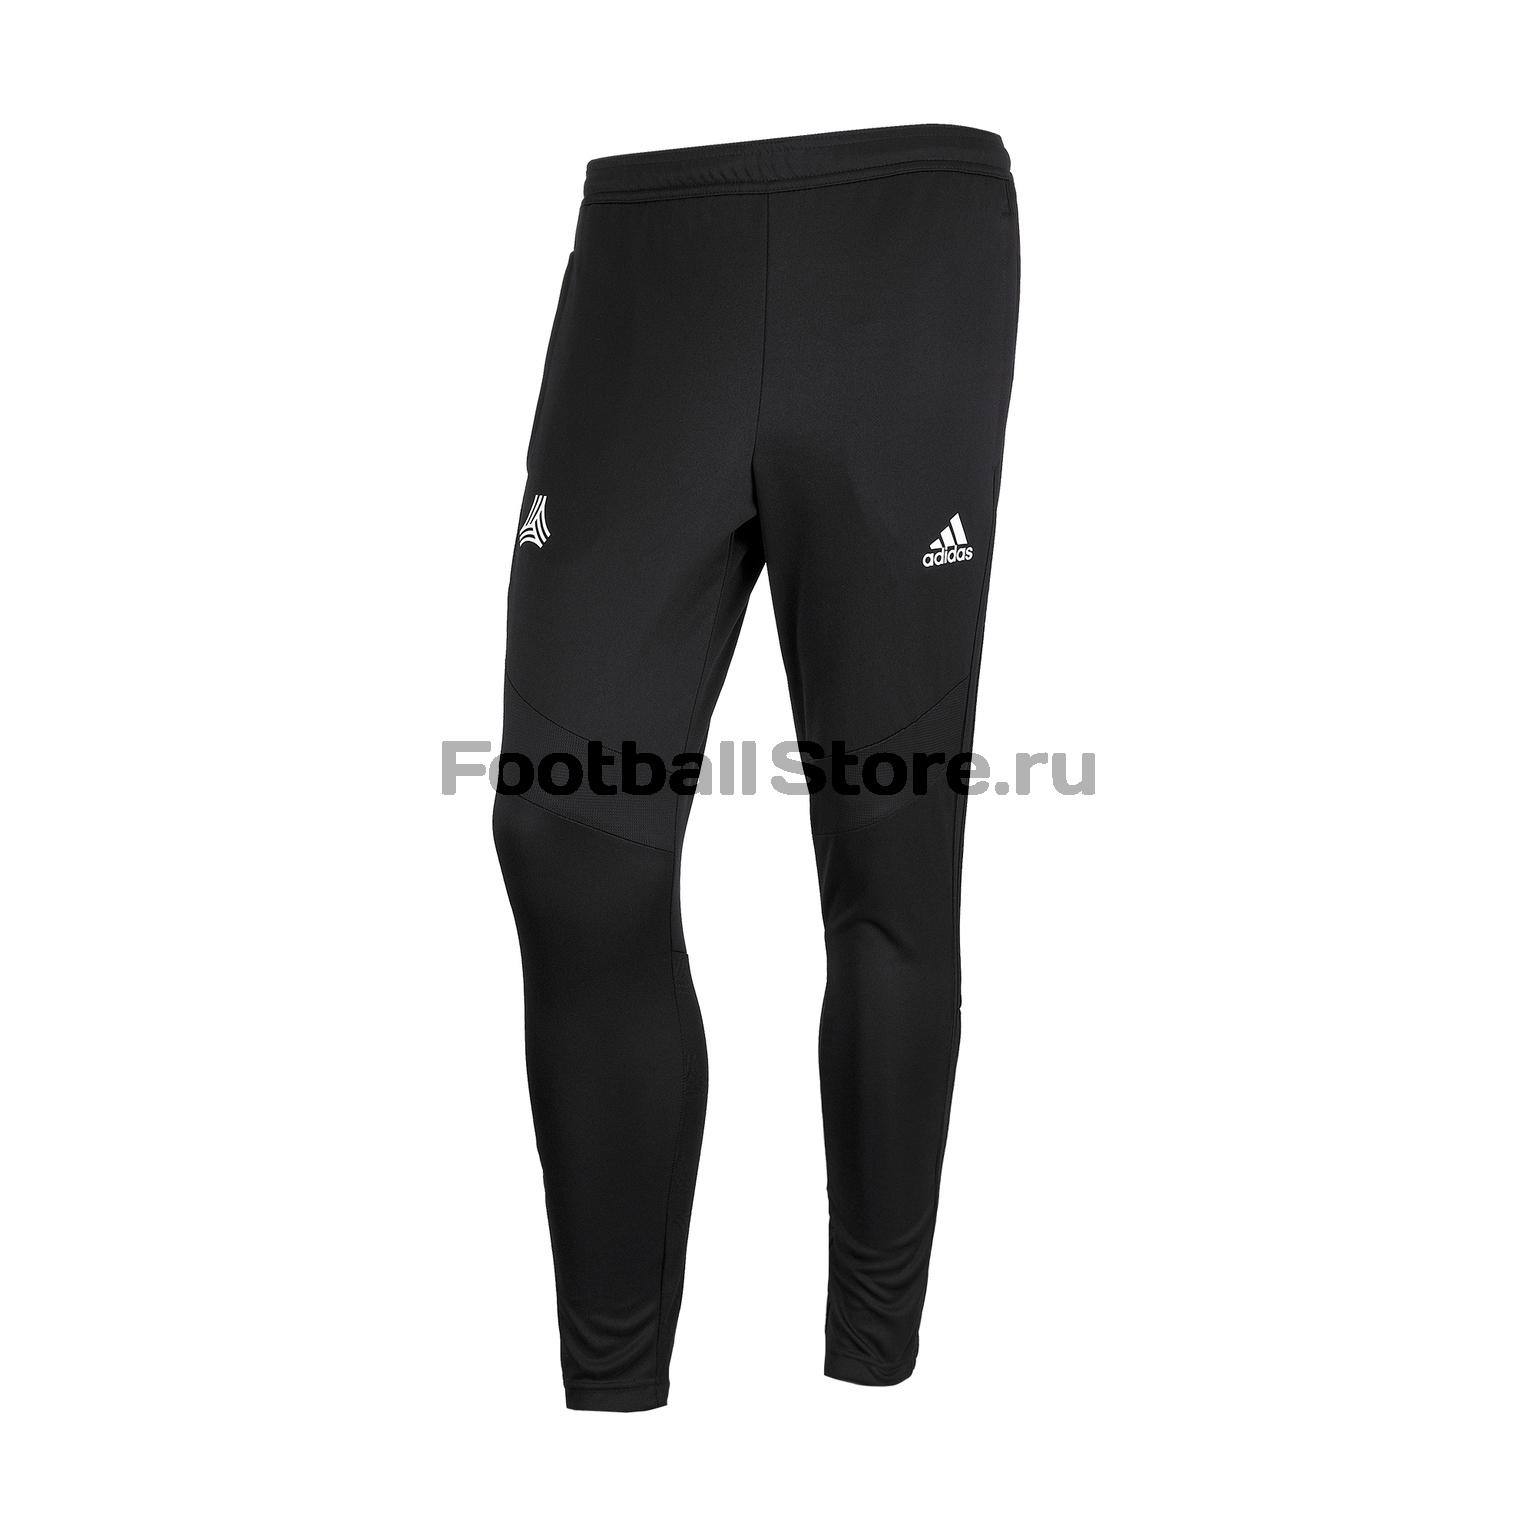 Брюки тренировочные Adidas Tan Pant DT9876